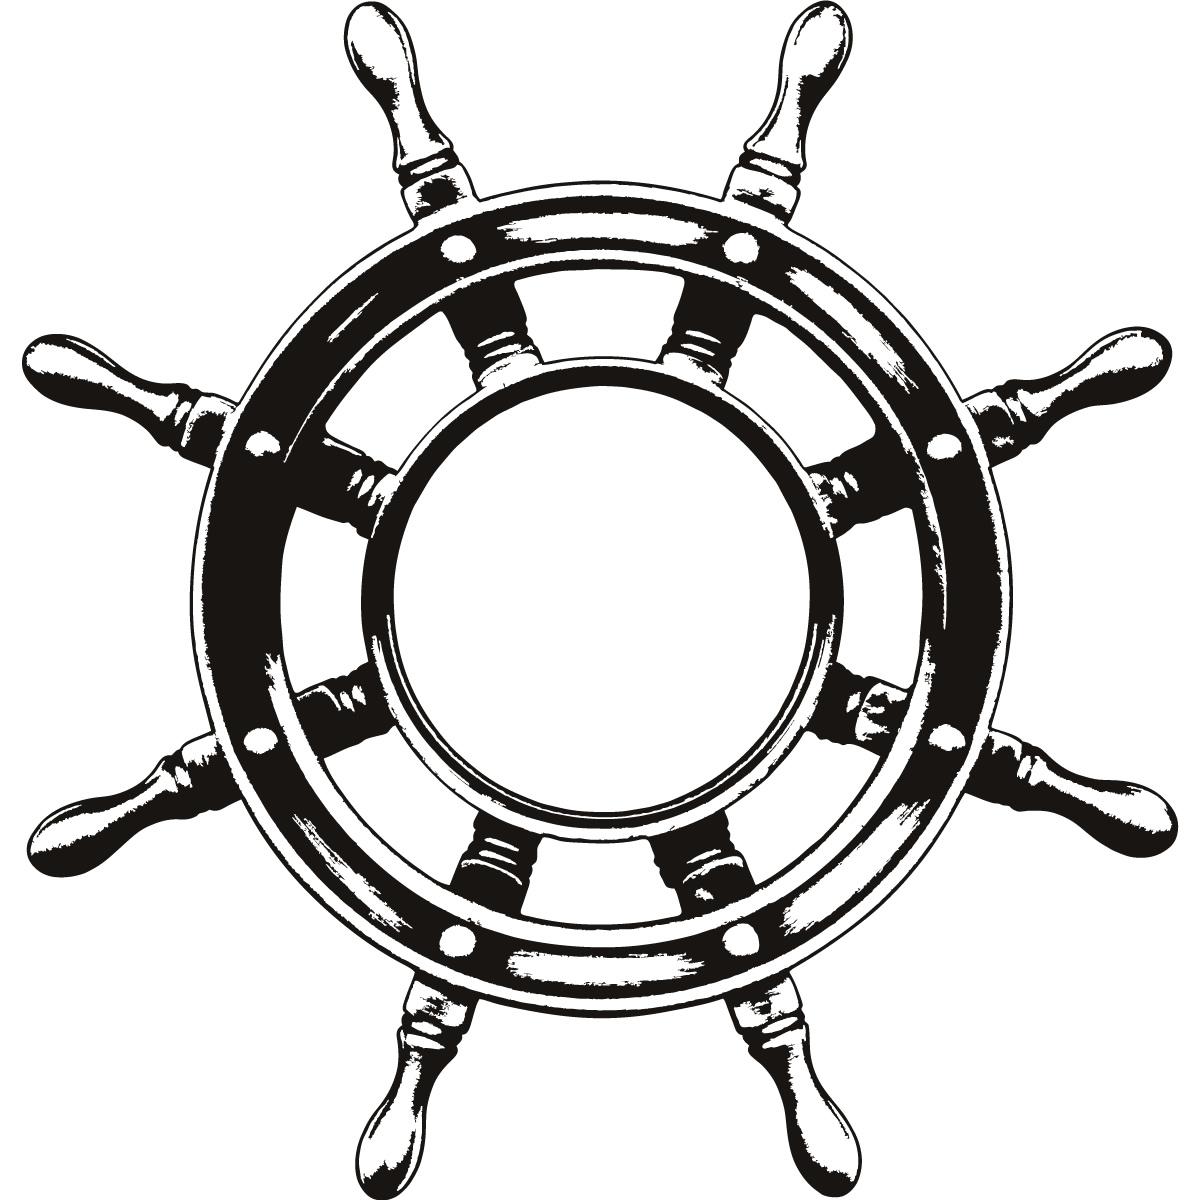 Pirate Ship Steering Wheel Drawing Free Image